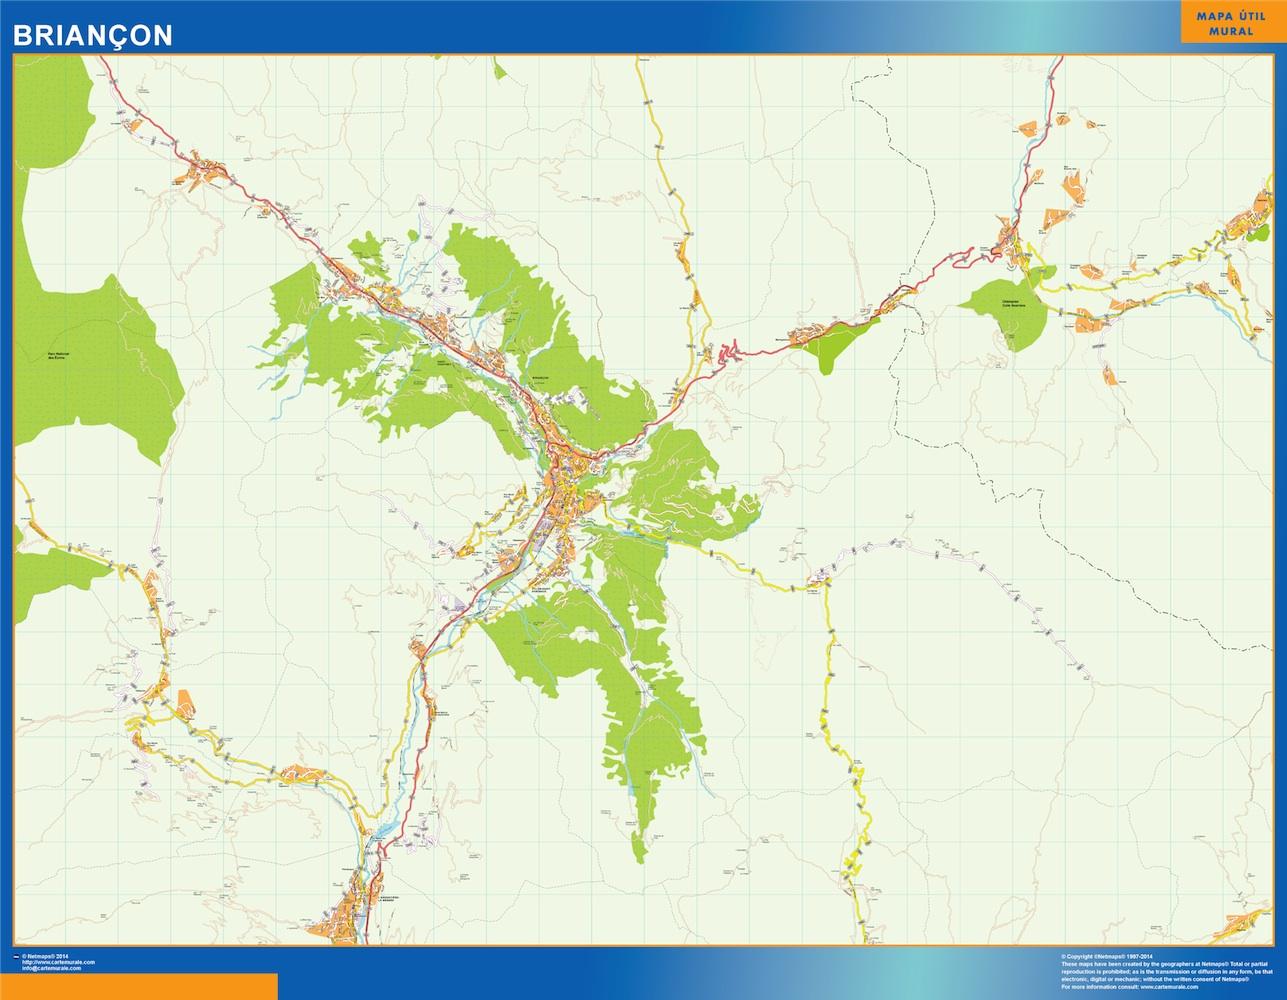 Mapa Briancon en Francia plastificado gigante